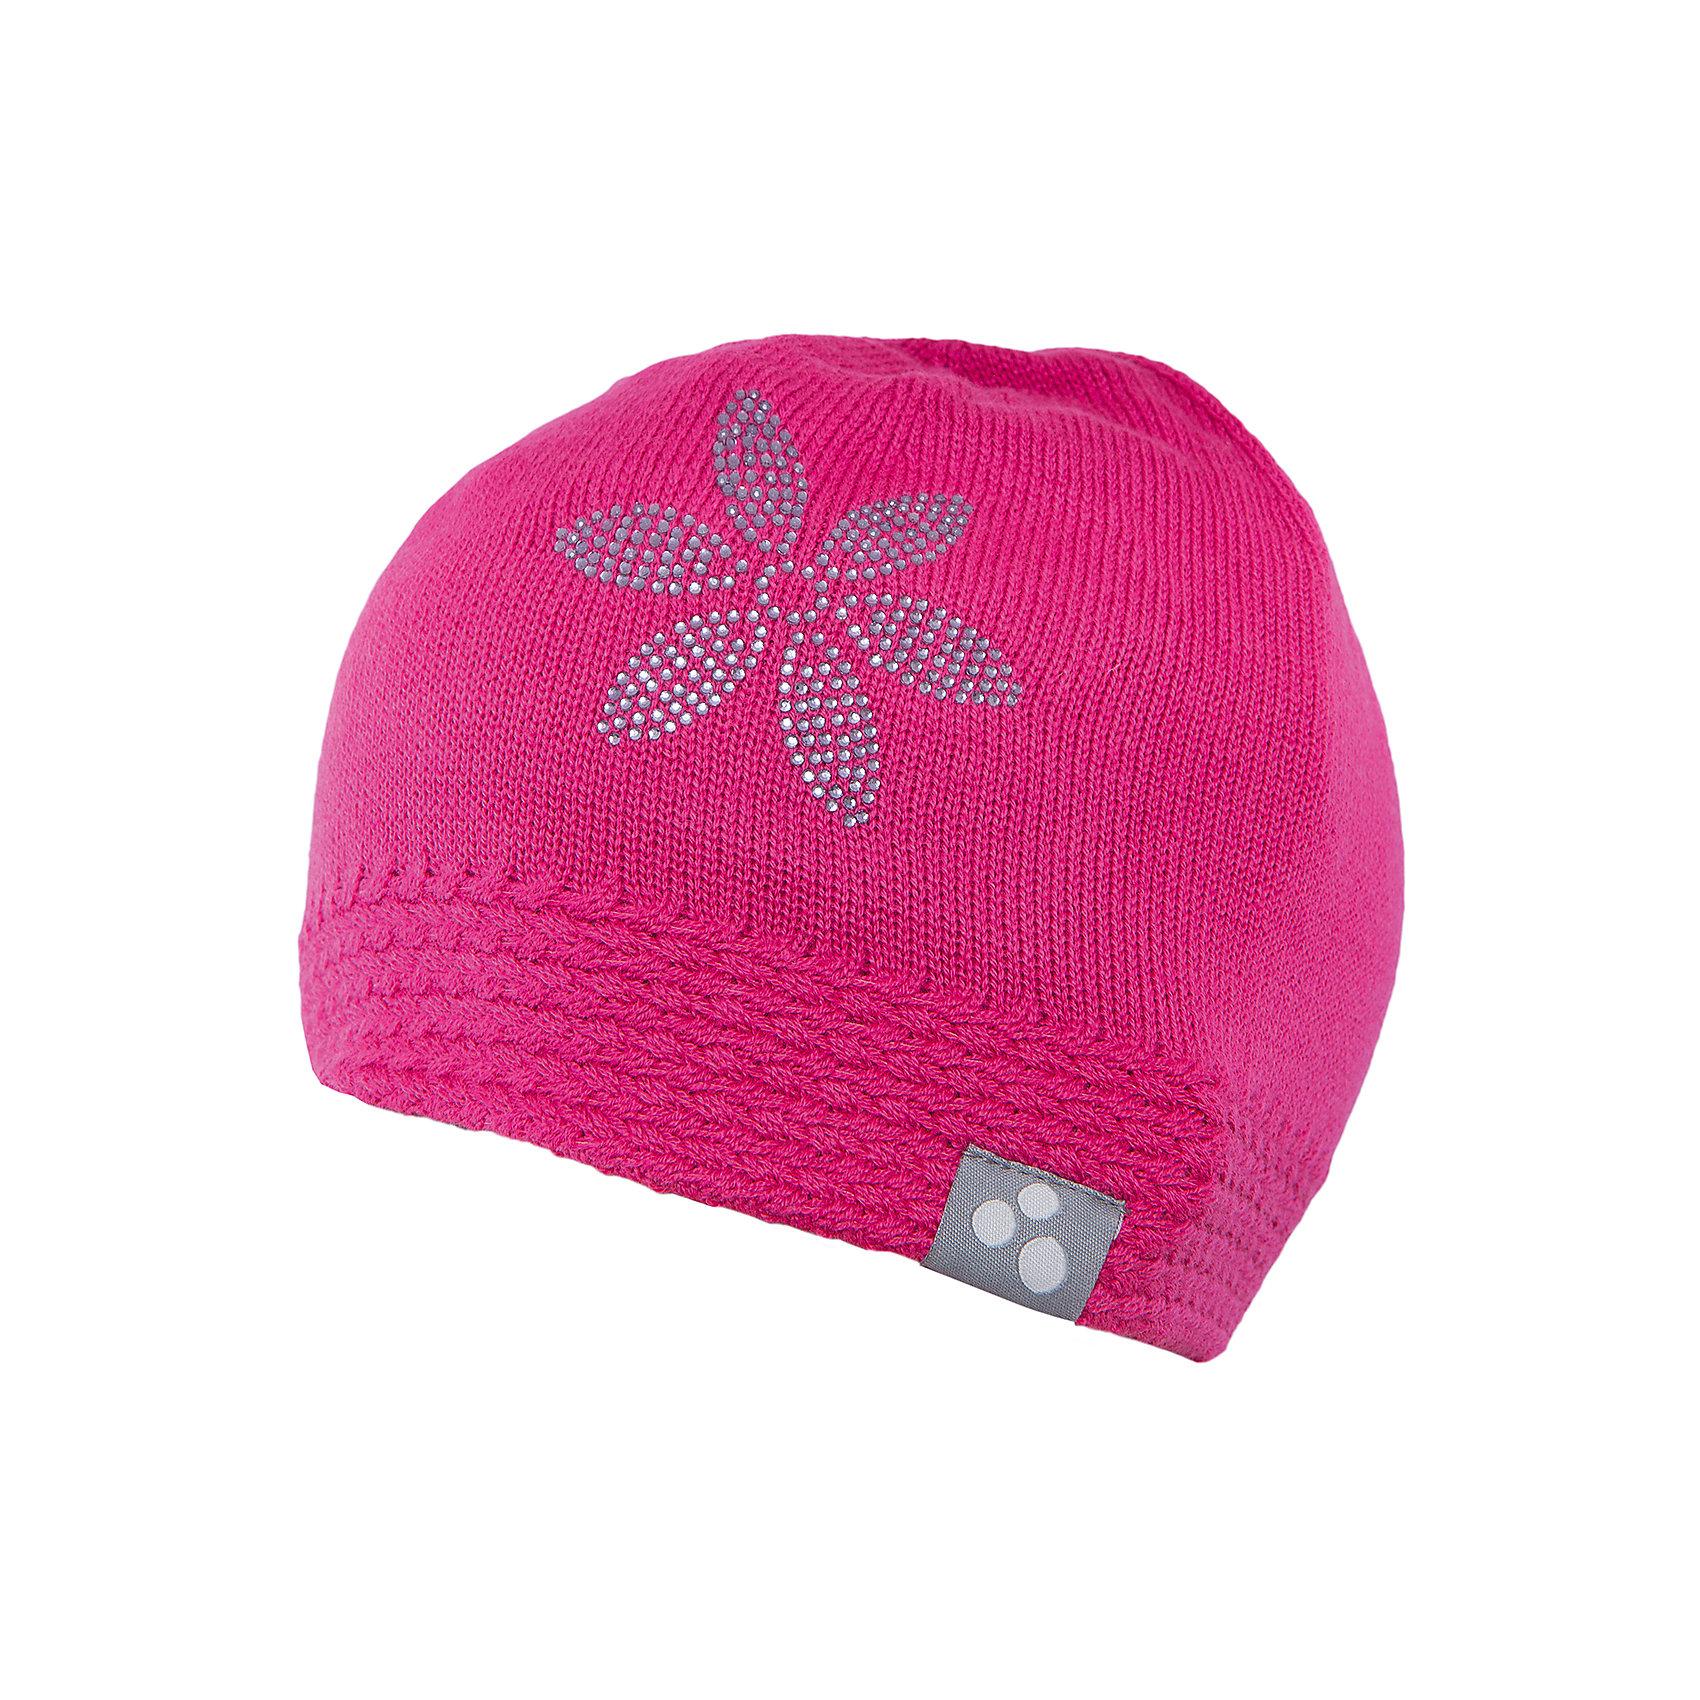 Шапка для девочки HuppaГоловные уборы<br>Вязаная шапка ELIISA Huppa(Хуппа) выполнена из шерсти мериноса и акрила. Шапка украшена вязаным цветком и стразами. Есть резиночка и светоотражающие элементы по нижнему краю. Такая шапочка приятно согреет девочку в холода.<br><br>Дополнительная информация:<br>Материал: 50% шерсть мериноса, 50% акрил<br>Цвет: фуксия<br><br>Шапку ELIISA Huppa(Хуппа) можно купить в нашем интернет-магазине.<br><br>Ширина мм: 89<br>Глубина мм: 117<br>Высота мм: 44<br>Вес г: 155<br>Цвет: розовый<br>Возраст от месяцев: 84<br>Возраст до месяцев: 120<br>Пол: Женский<br>Возраст: Детский<br>Размер: 55-57,55-57,51-53<br>SKU: 4928898